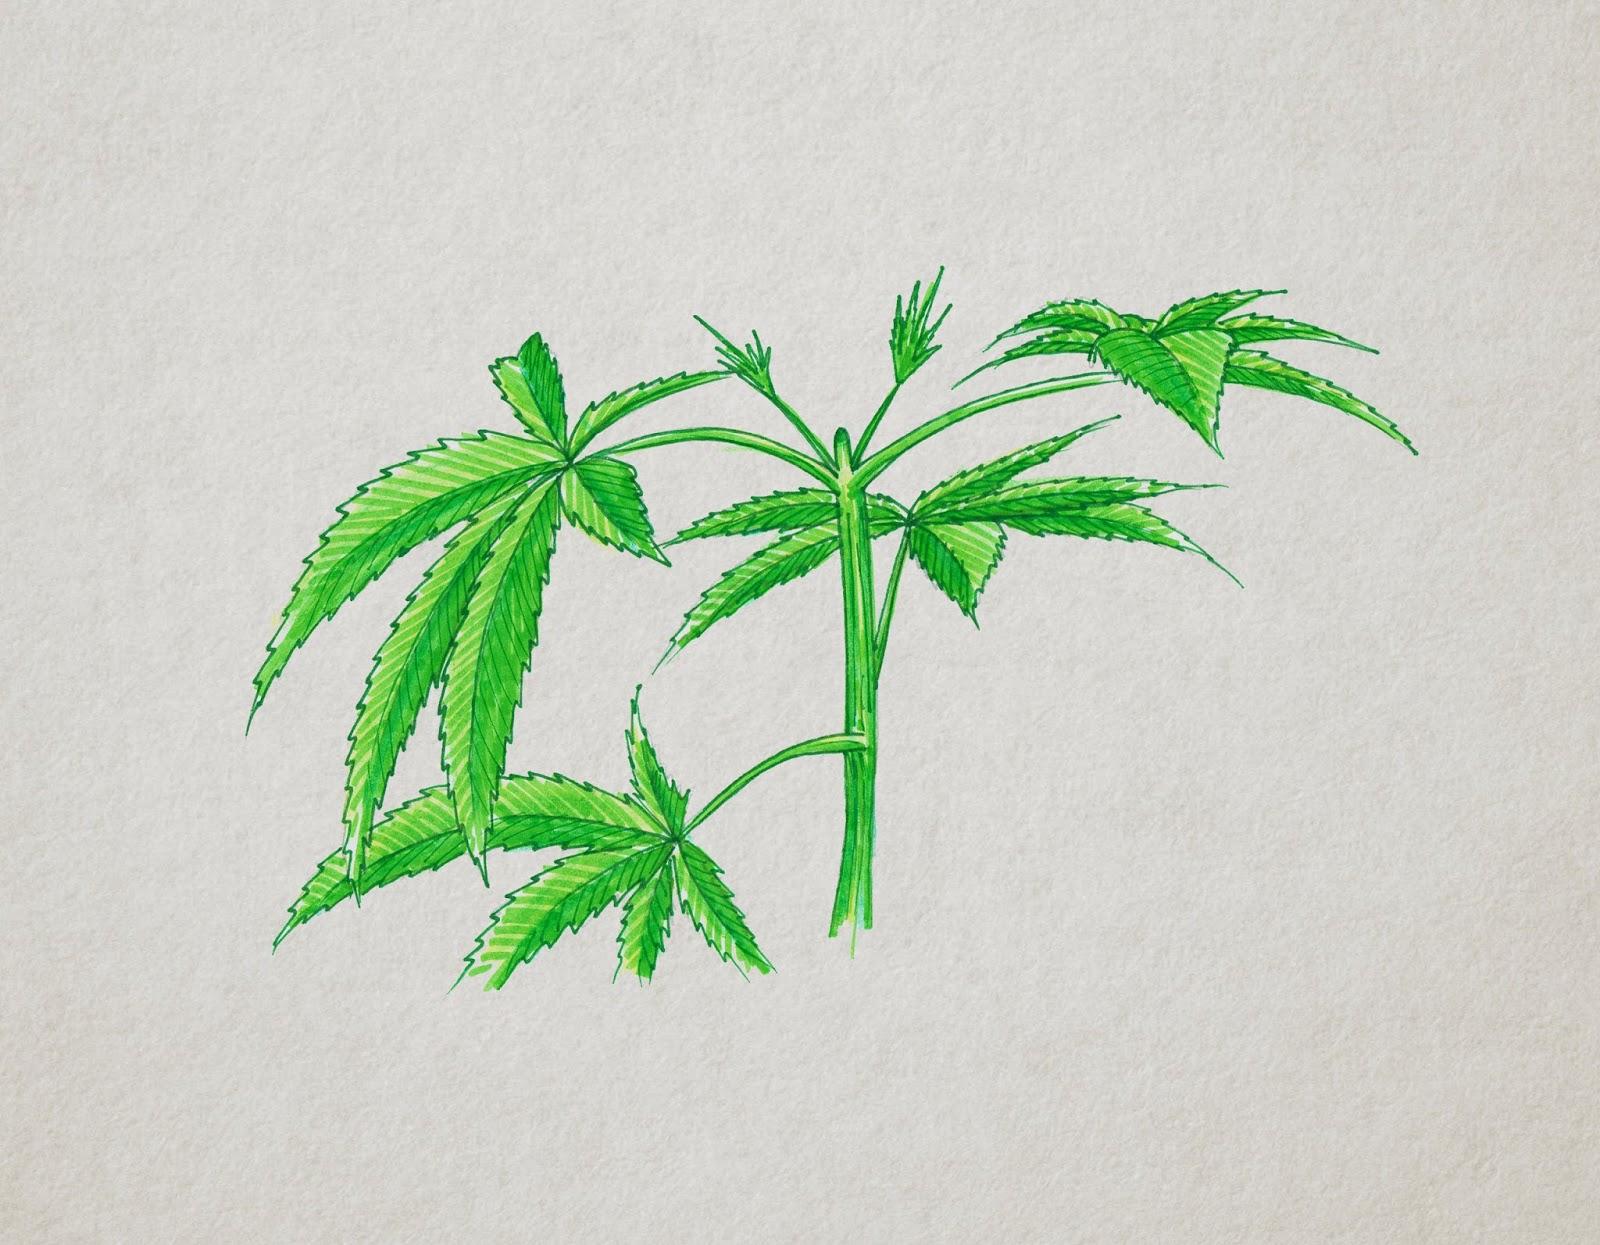 El Arte De Podar En Tu Cultivo De Marihuana